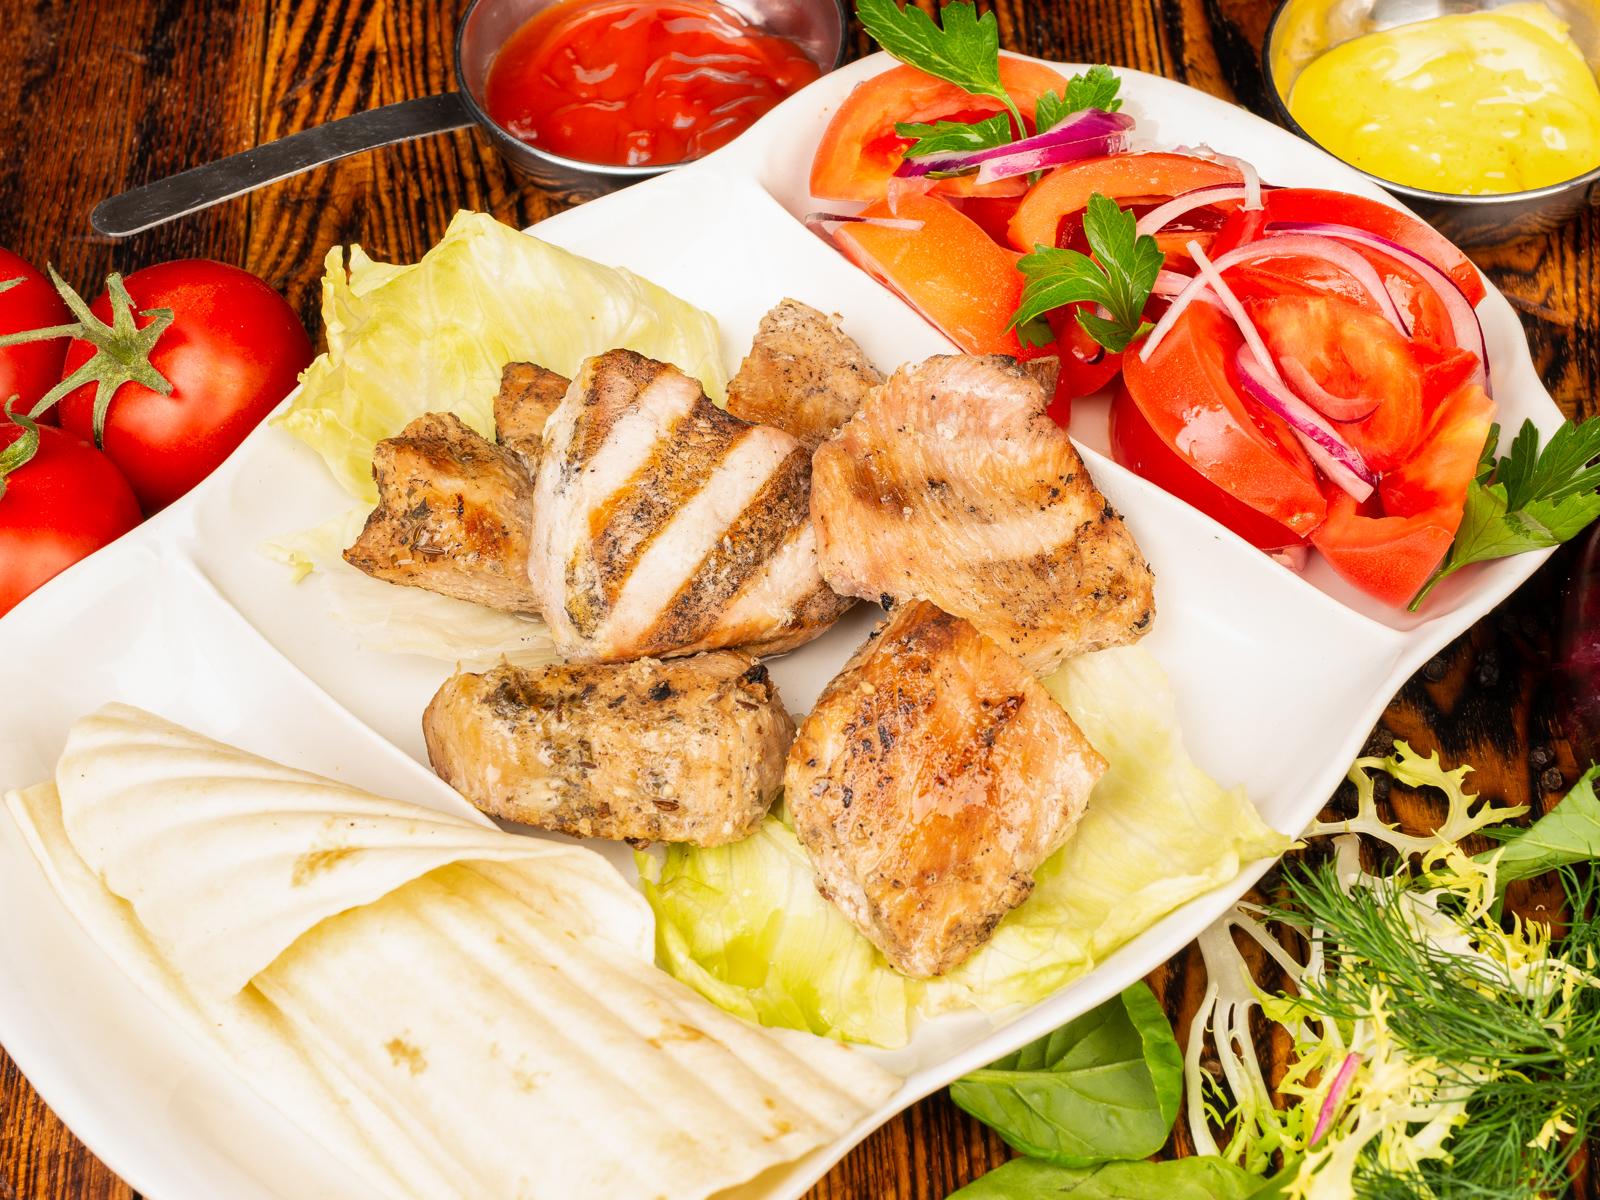 Шашлык из грудки индейки с салатом из помидоров